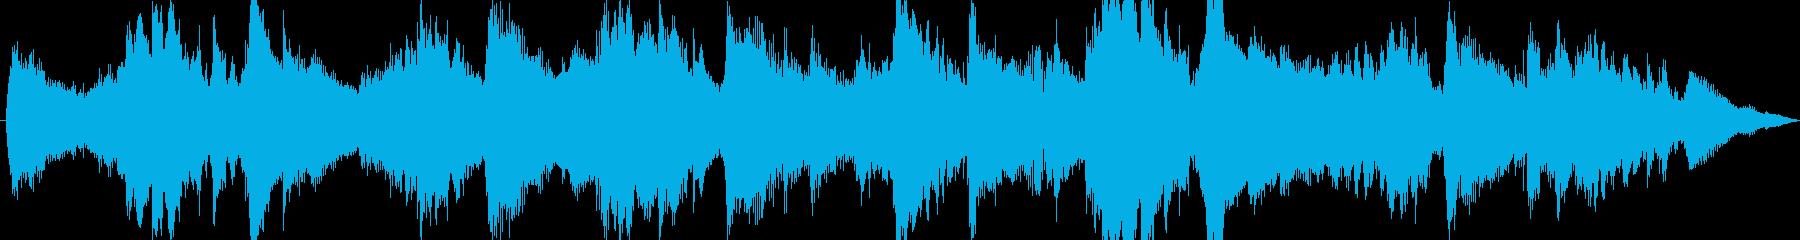 ジングル - しっとりアンビエントの再生済みの波形